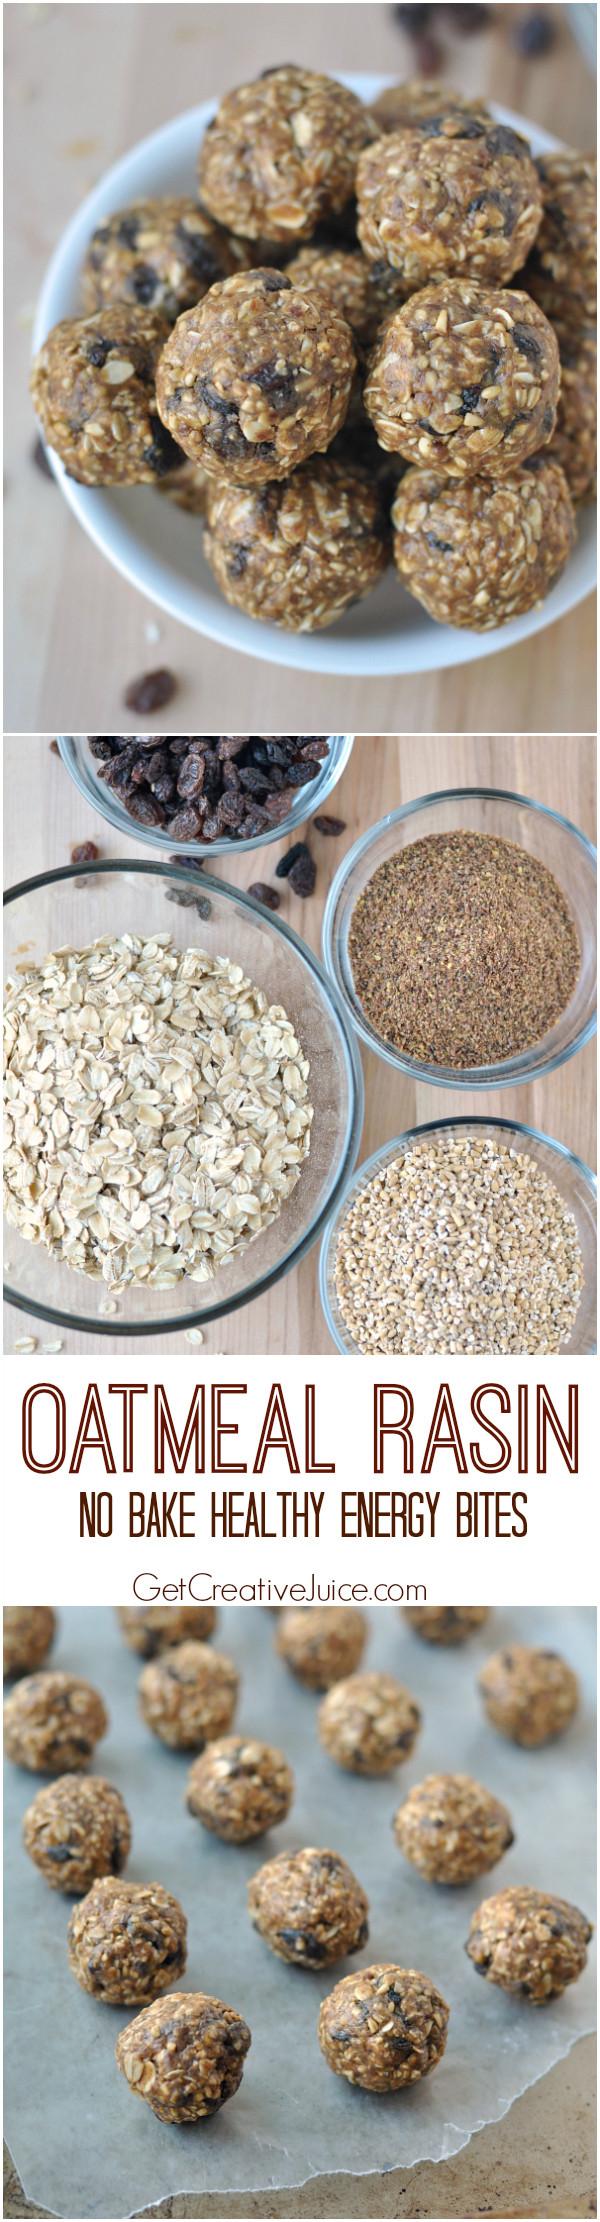 No Bake Healthy Snacks  Oatmeal Raisin Energy Bites No Bake & Healthy